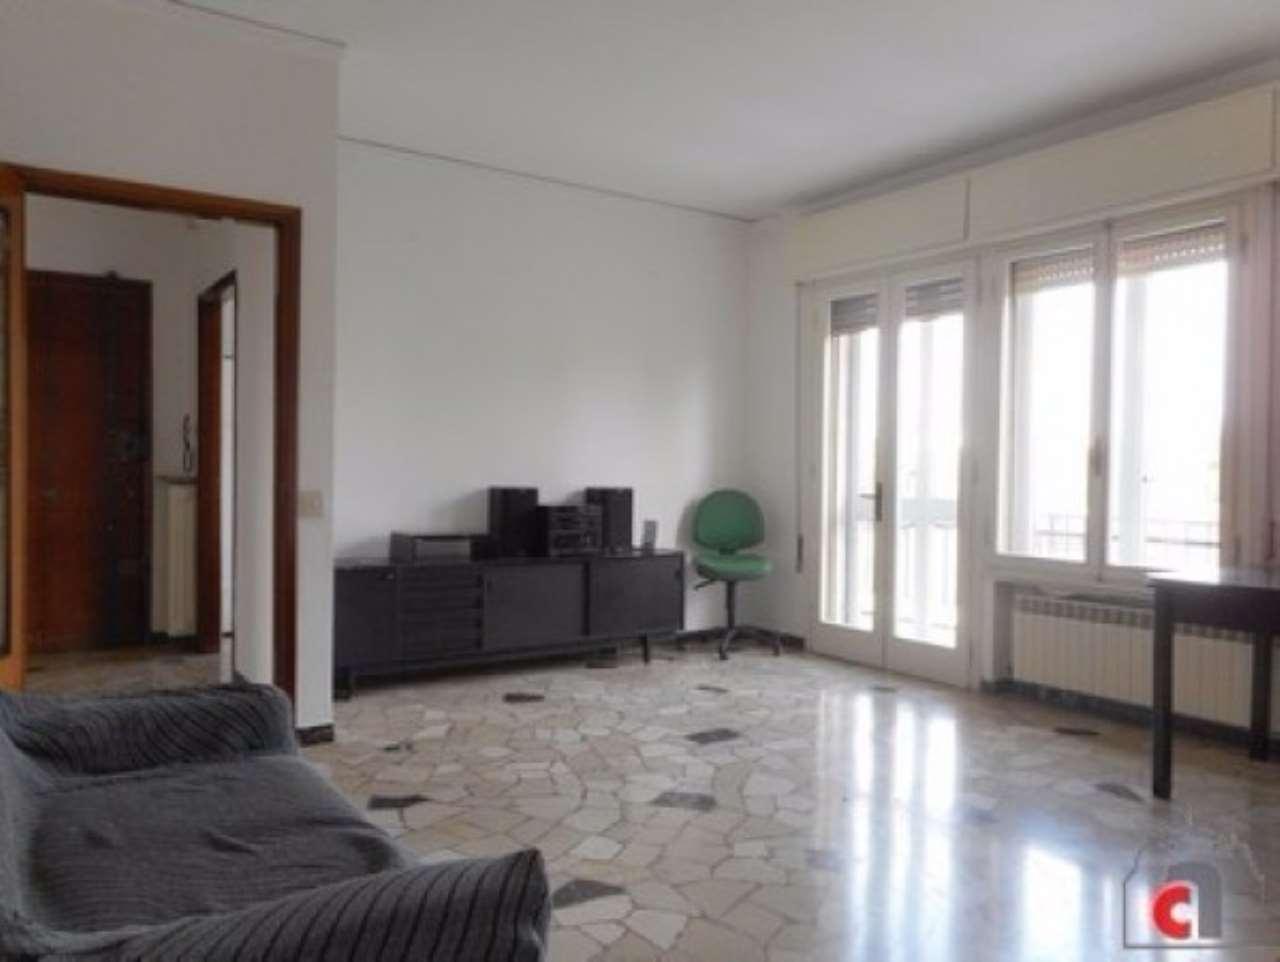 Appartamento in vendita a Padova, 5 locali, zona Zona: 5 . Sud-Ovest (Armistizio-Savonarola), prezzo € 115.000 | Cambio Casa.it